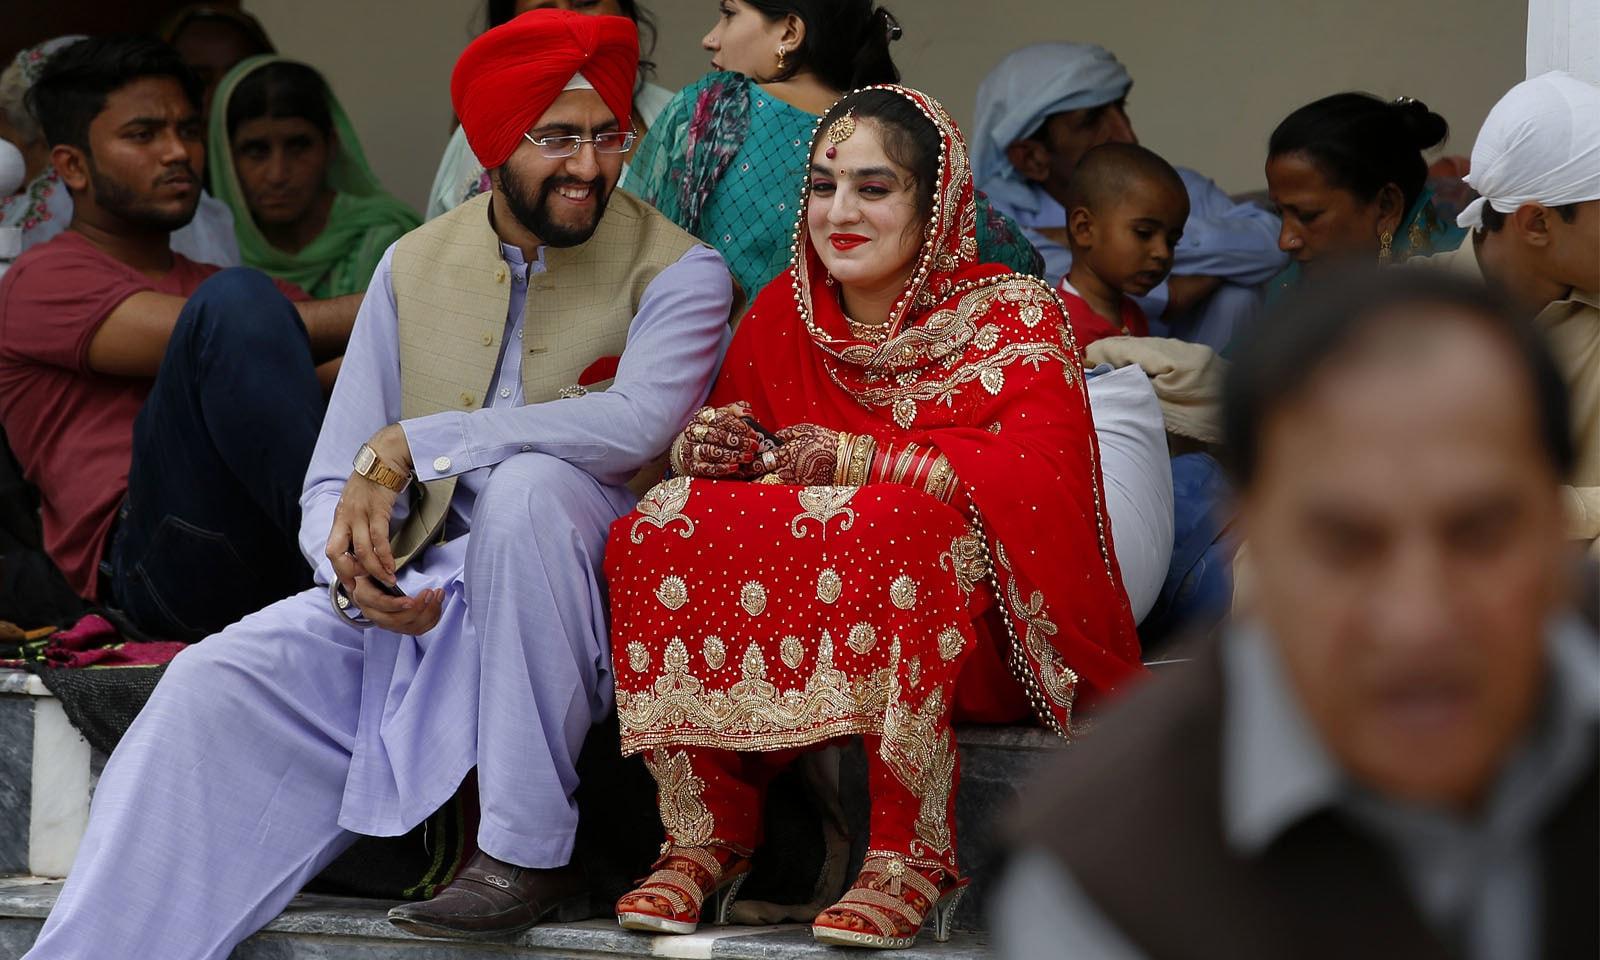 بیسا کھی کے تہوار حوالے سے پنجاب بھر کے شہروں میں میلے منائے جاتے ہیں اور ہر کوئی اپنی عقیدت کا اظہار مختلف طریقوں سے کرتا ہے۔—فوٹو: اے پی